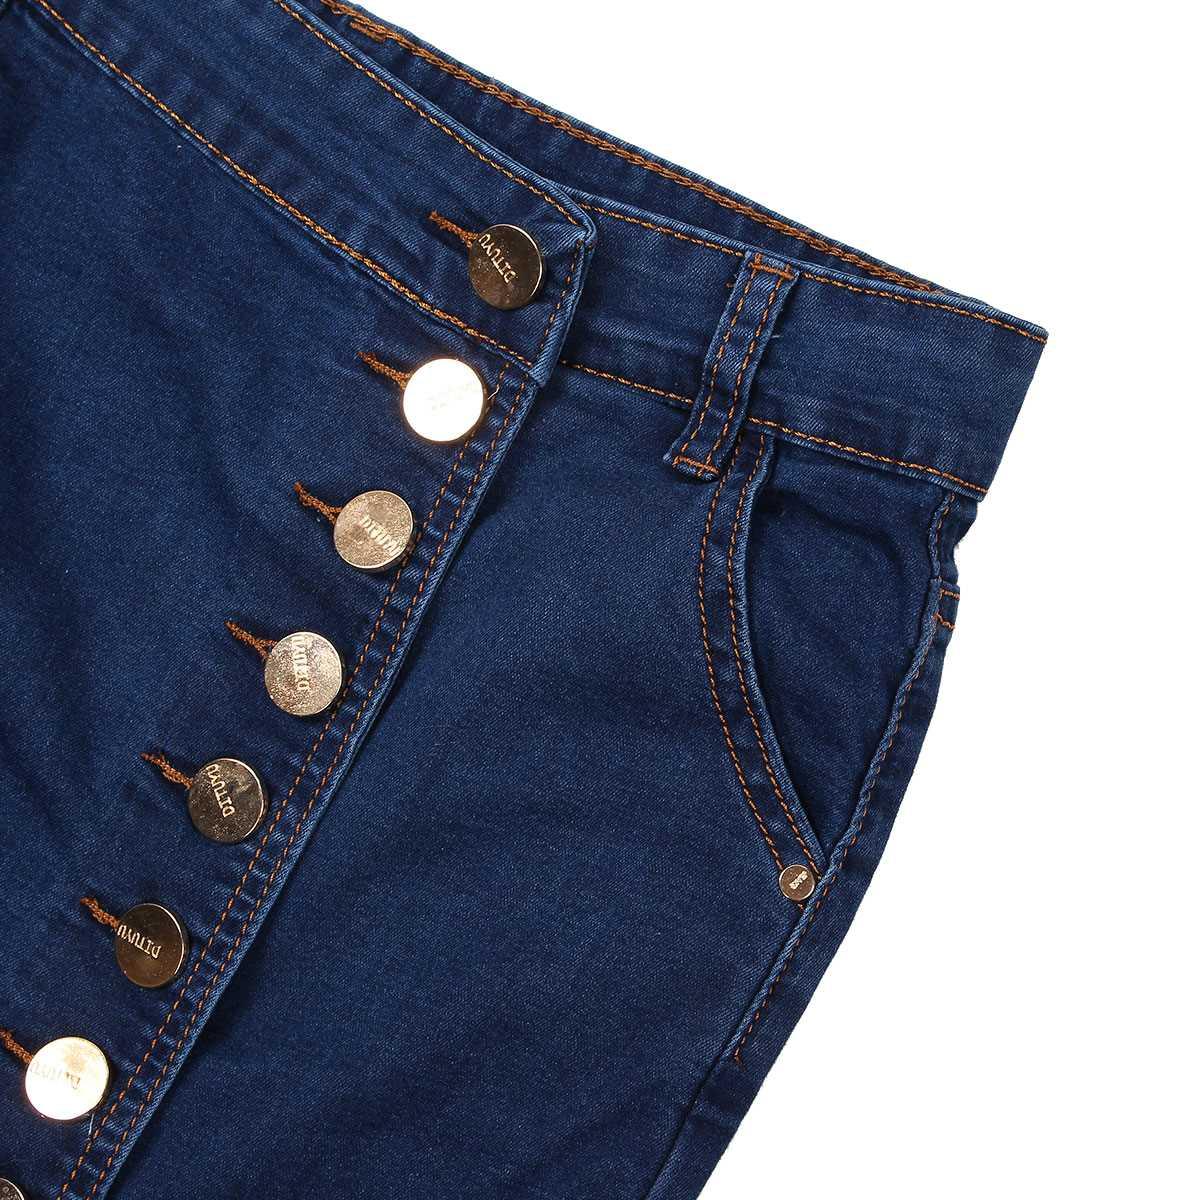 юбка джинсовая купить в Китае